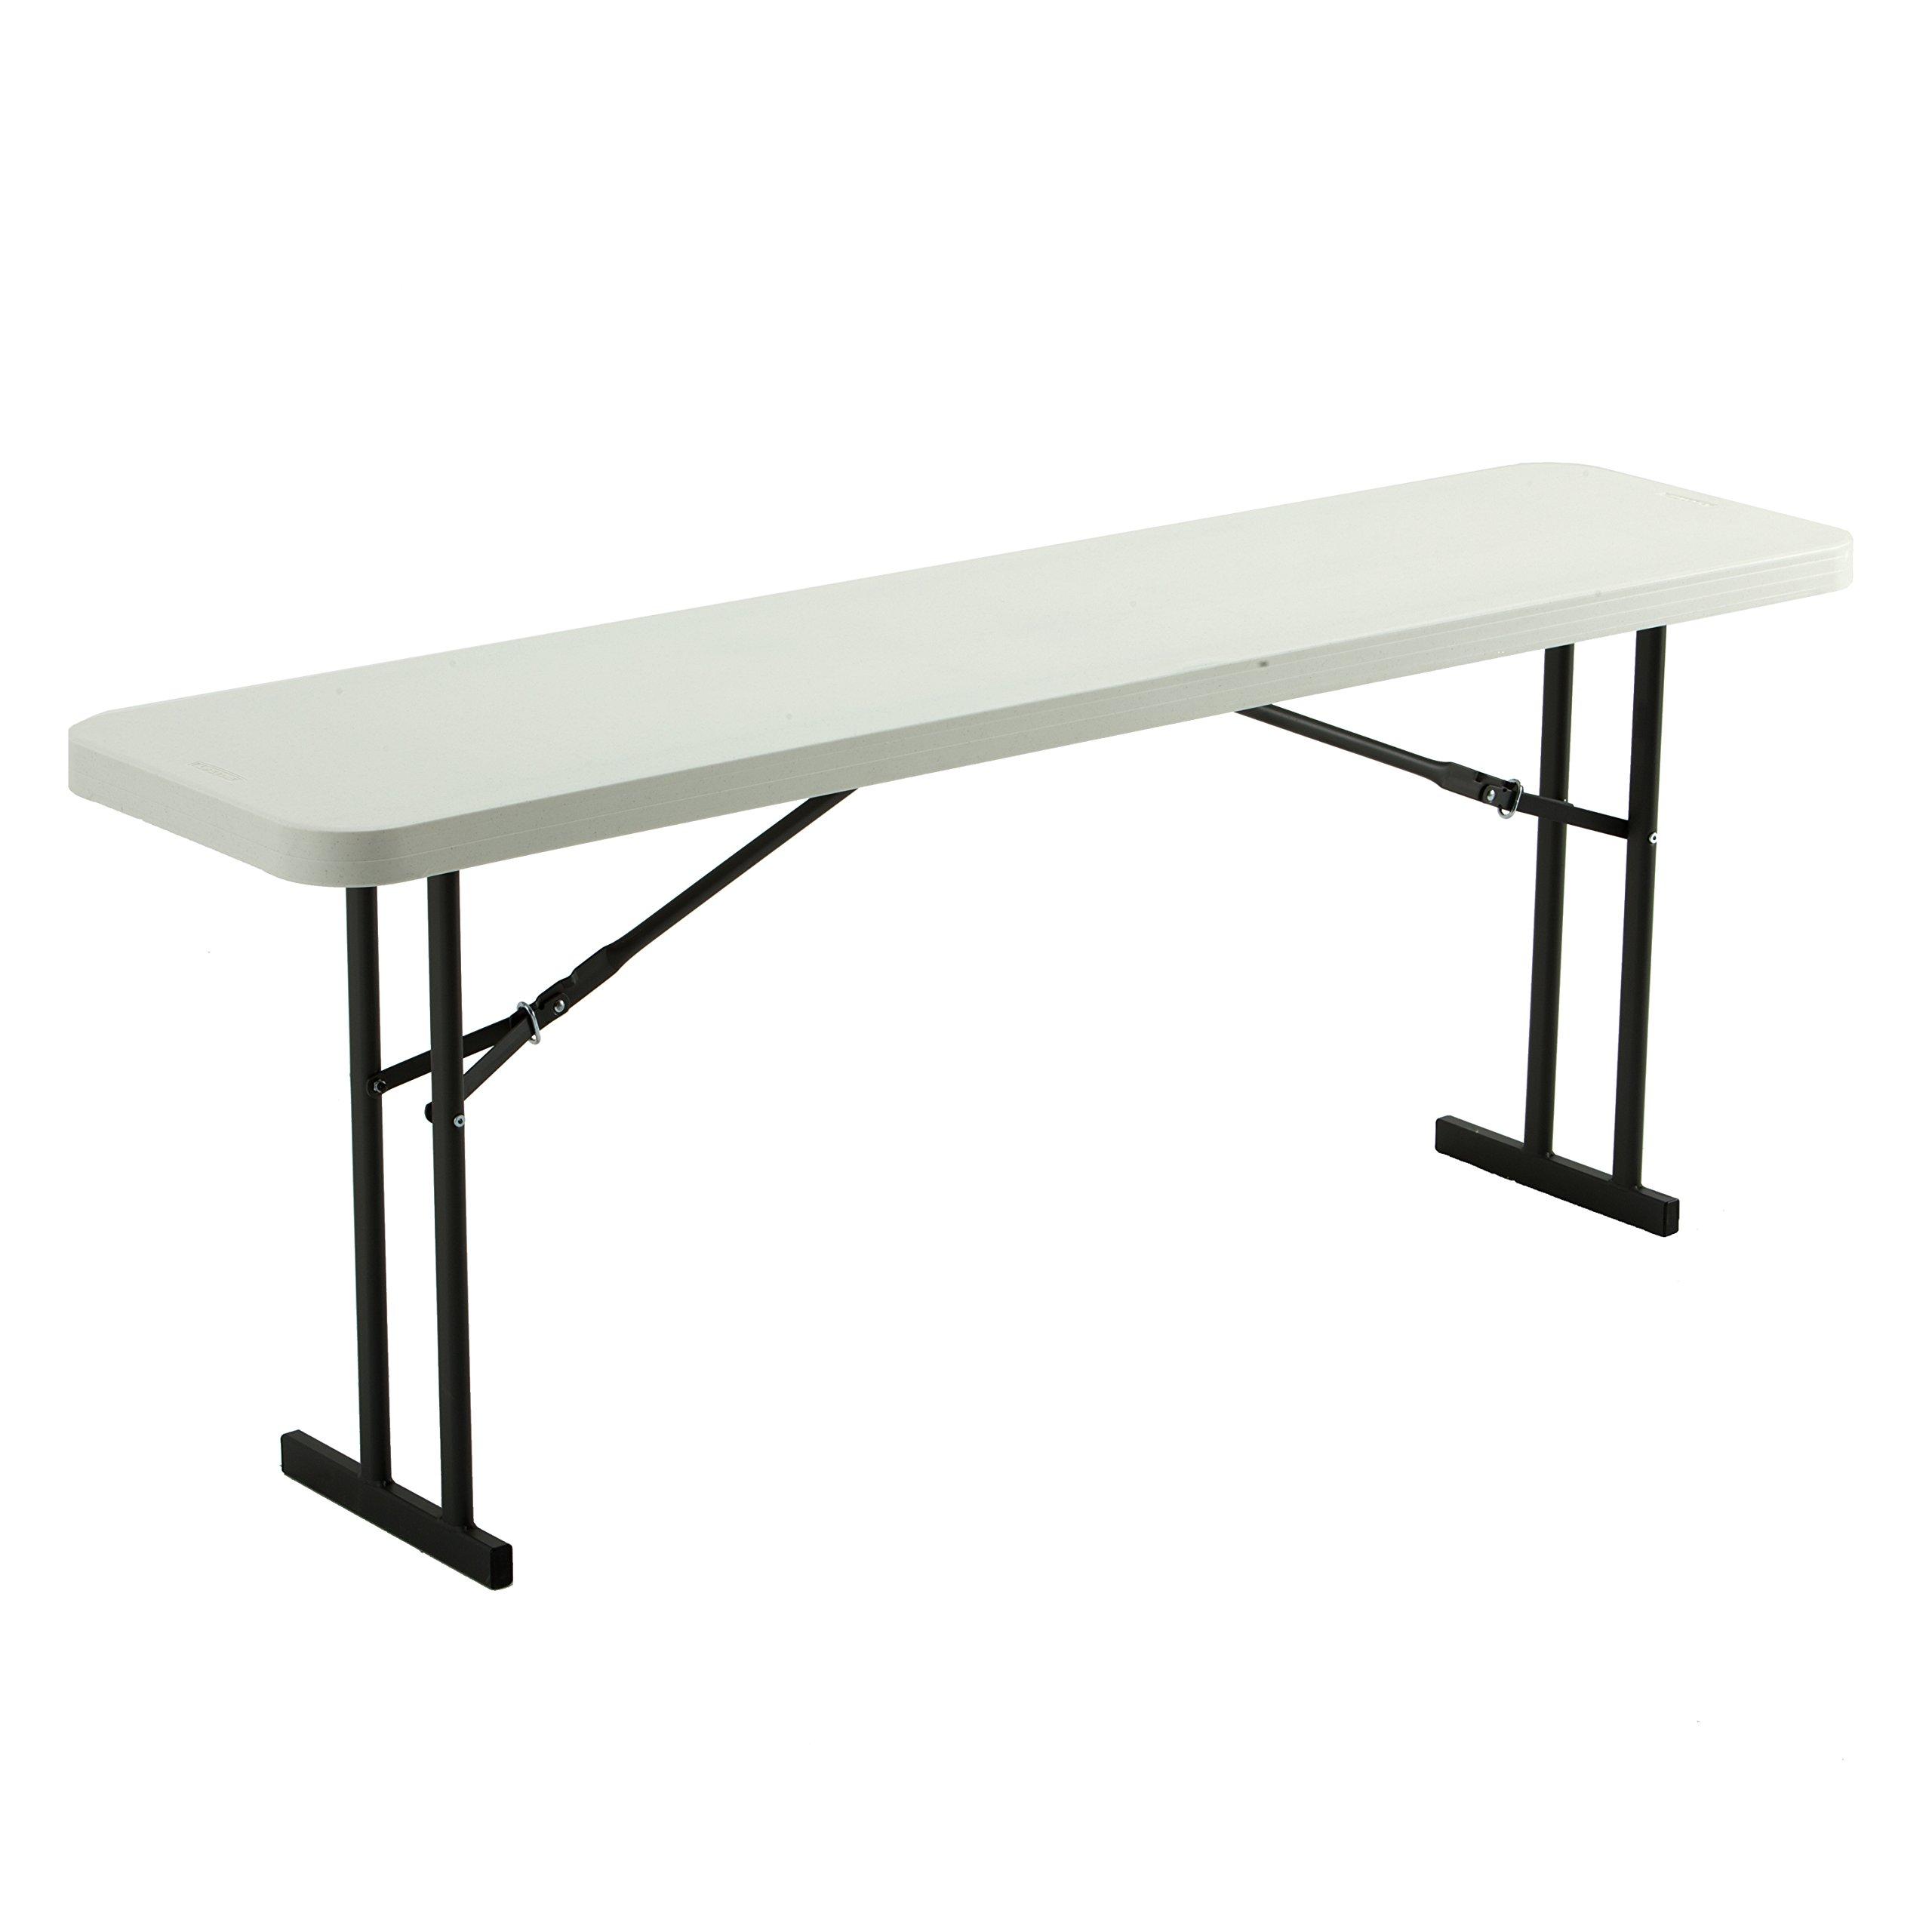 - Lifetime 80176 Commercial Seminar Table, White Granite, 6 Ft: Amazon.co.uk:  Garden & Outdoors